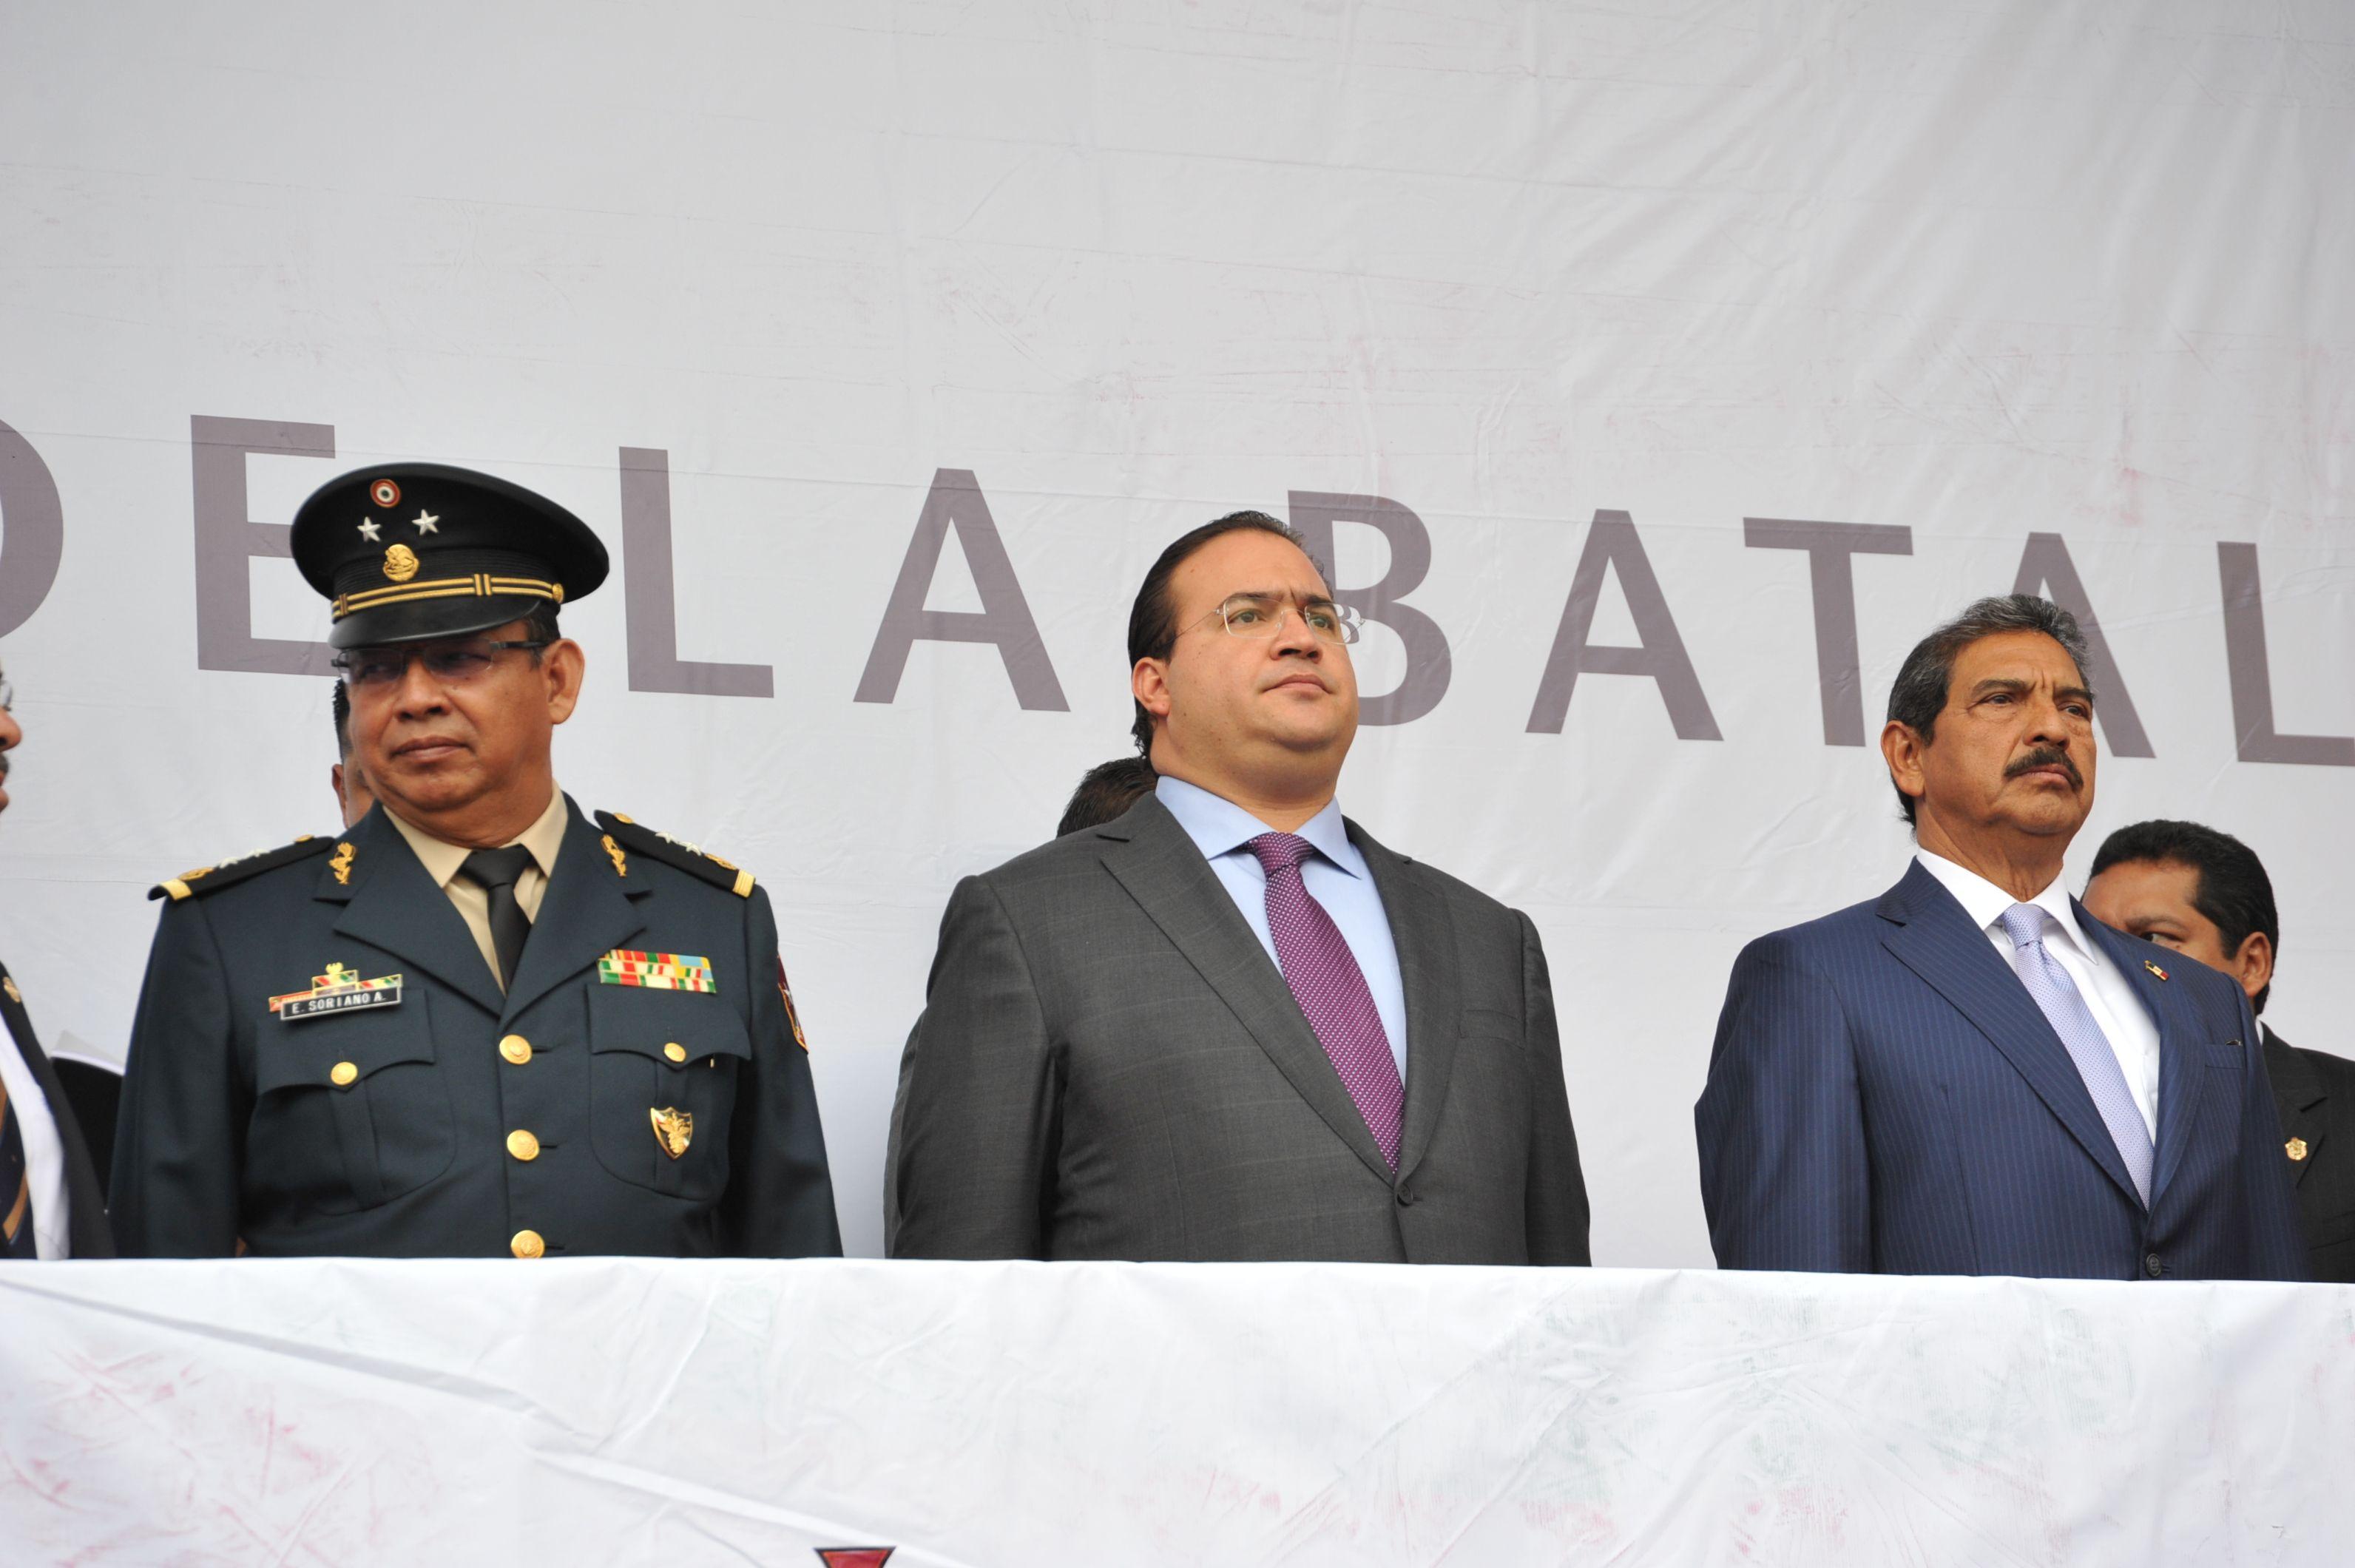 El Gobernador de Veracruz, Javier Duarte de Ochoa, presidió el Desfile Cívico-Militar Conmemorativo del 150 Aniversario de la Batalla de Puebla, el 05 de mayo de 2012, el cual se caracterizó por la coordinación, energía y entusiasmo de sus participantes.